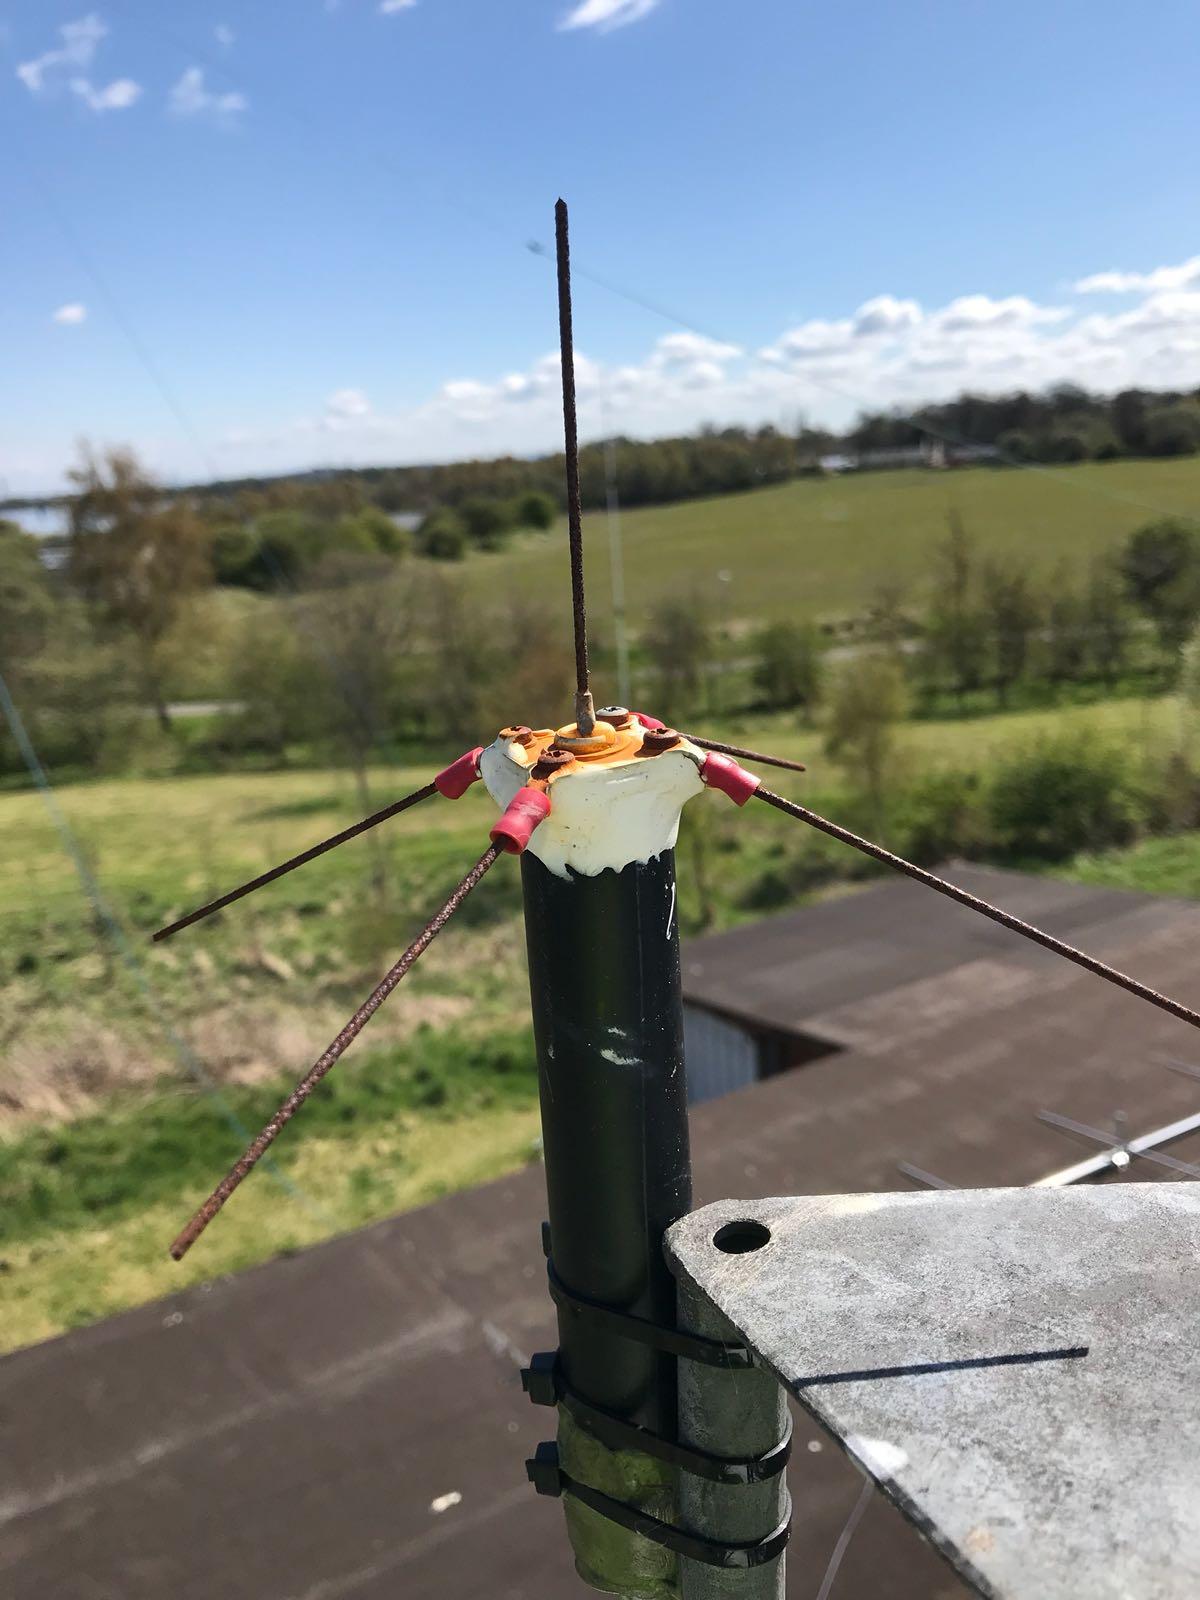 LoRa IoT Antenna